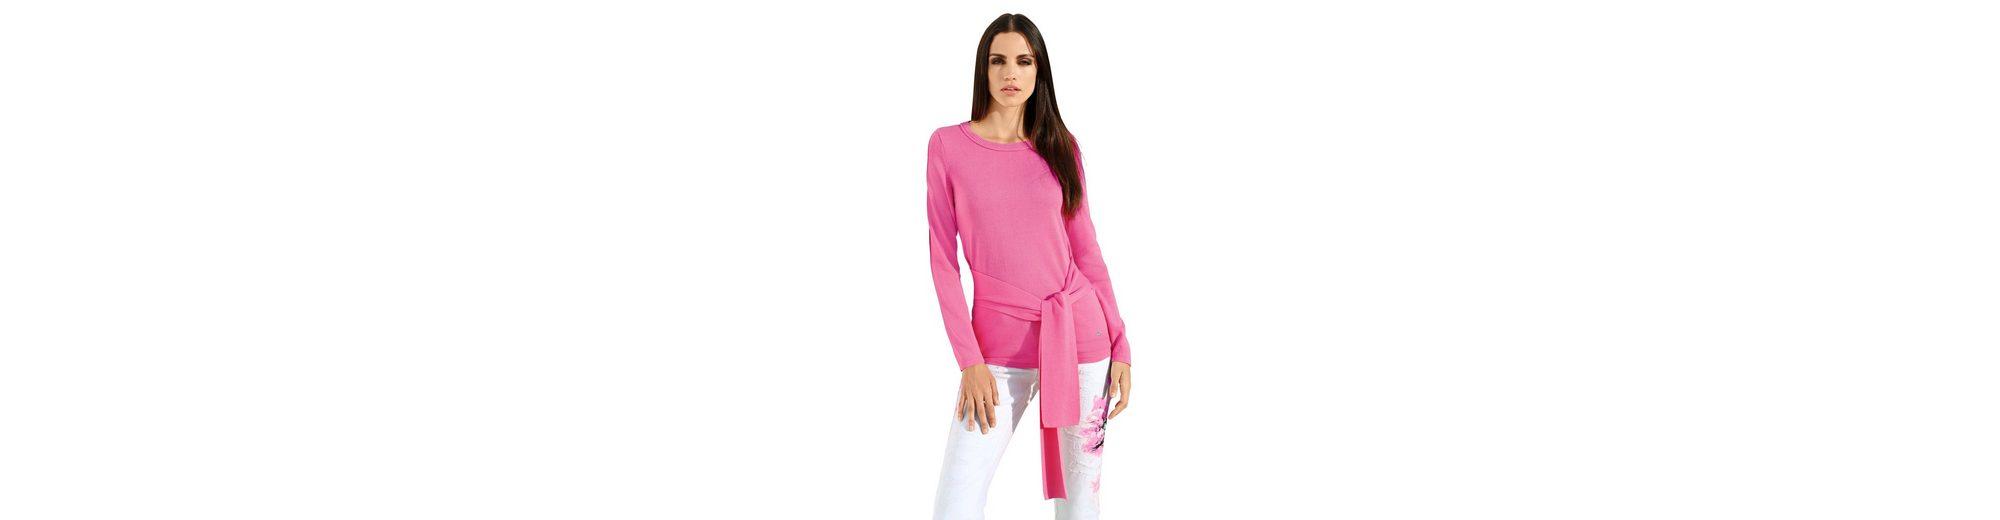 Für Schön Zu Verkaufen Amy Vermont Pullover mit Bindeband im Vorderteil Einkaufen Billig Verkauf Footlocker Finish m71GRMv2